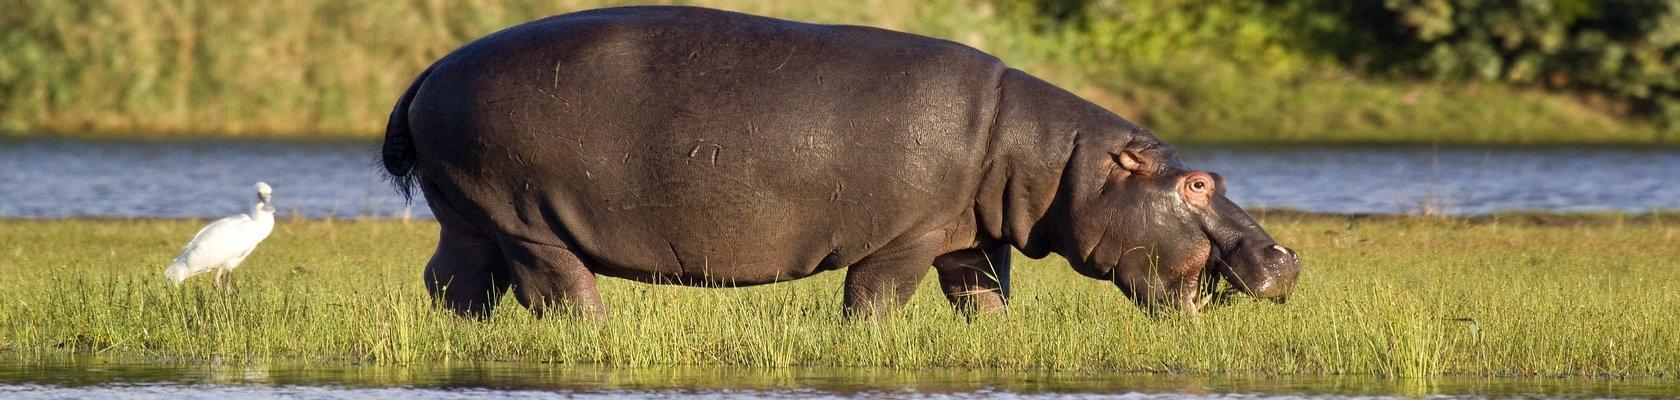 Nijlpaarden bij St. Lucia